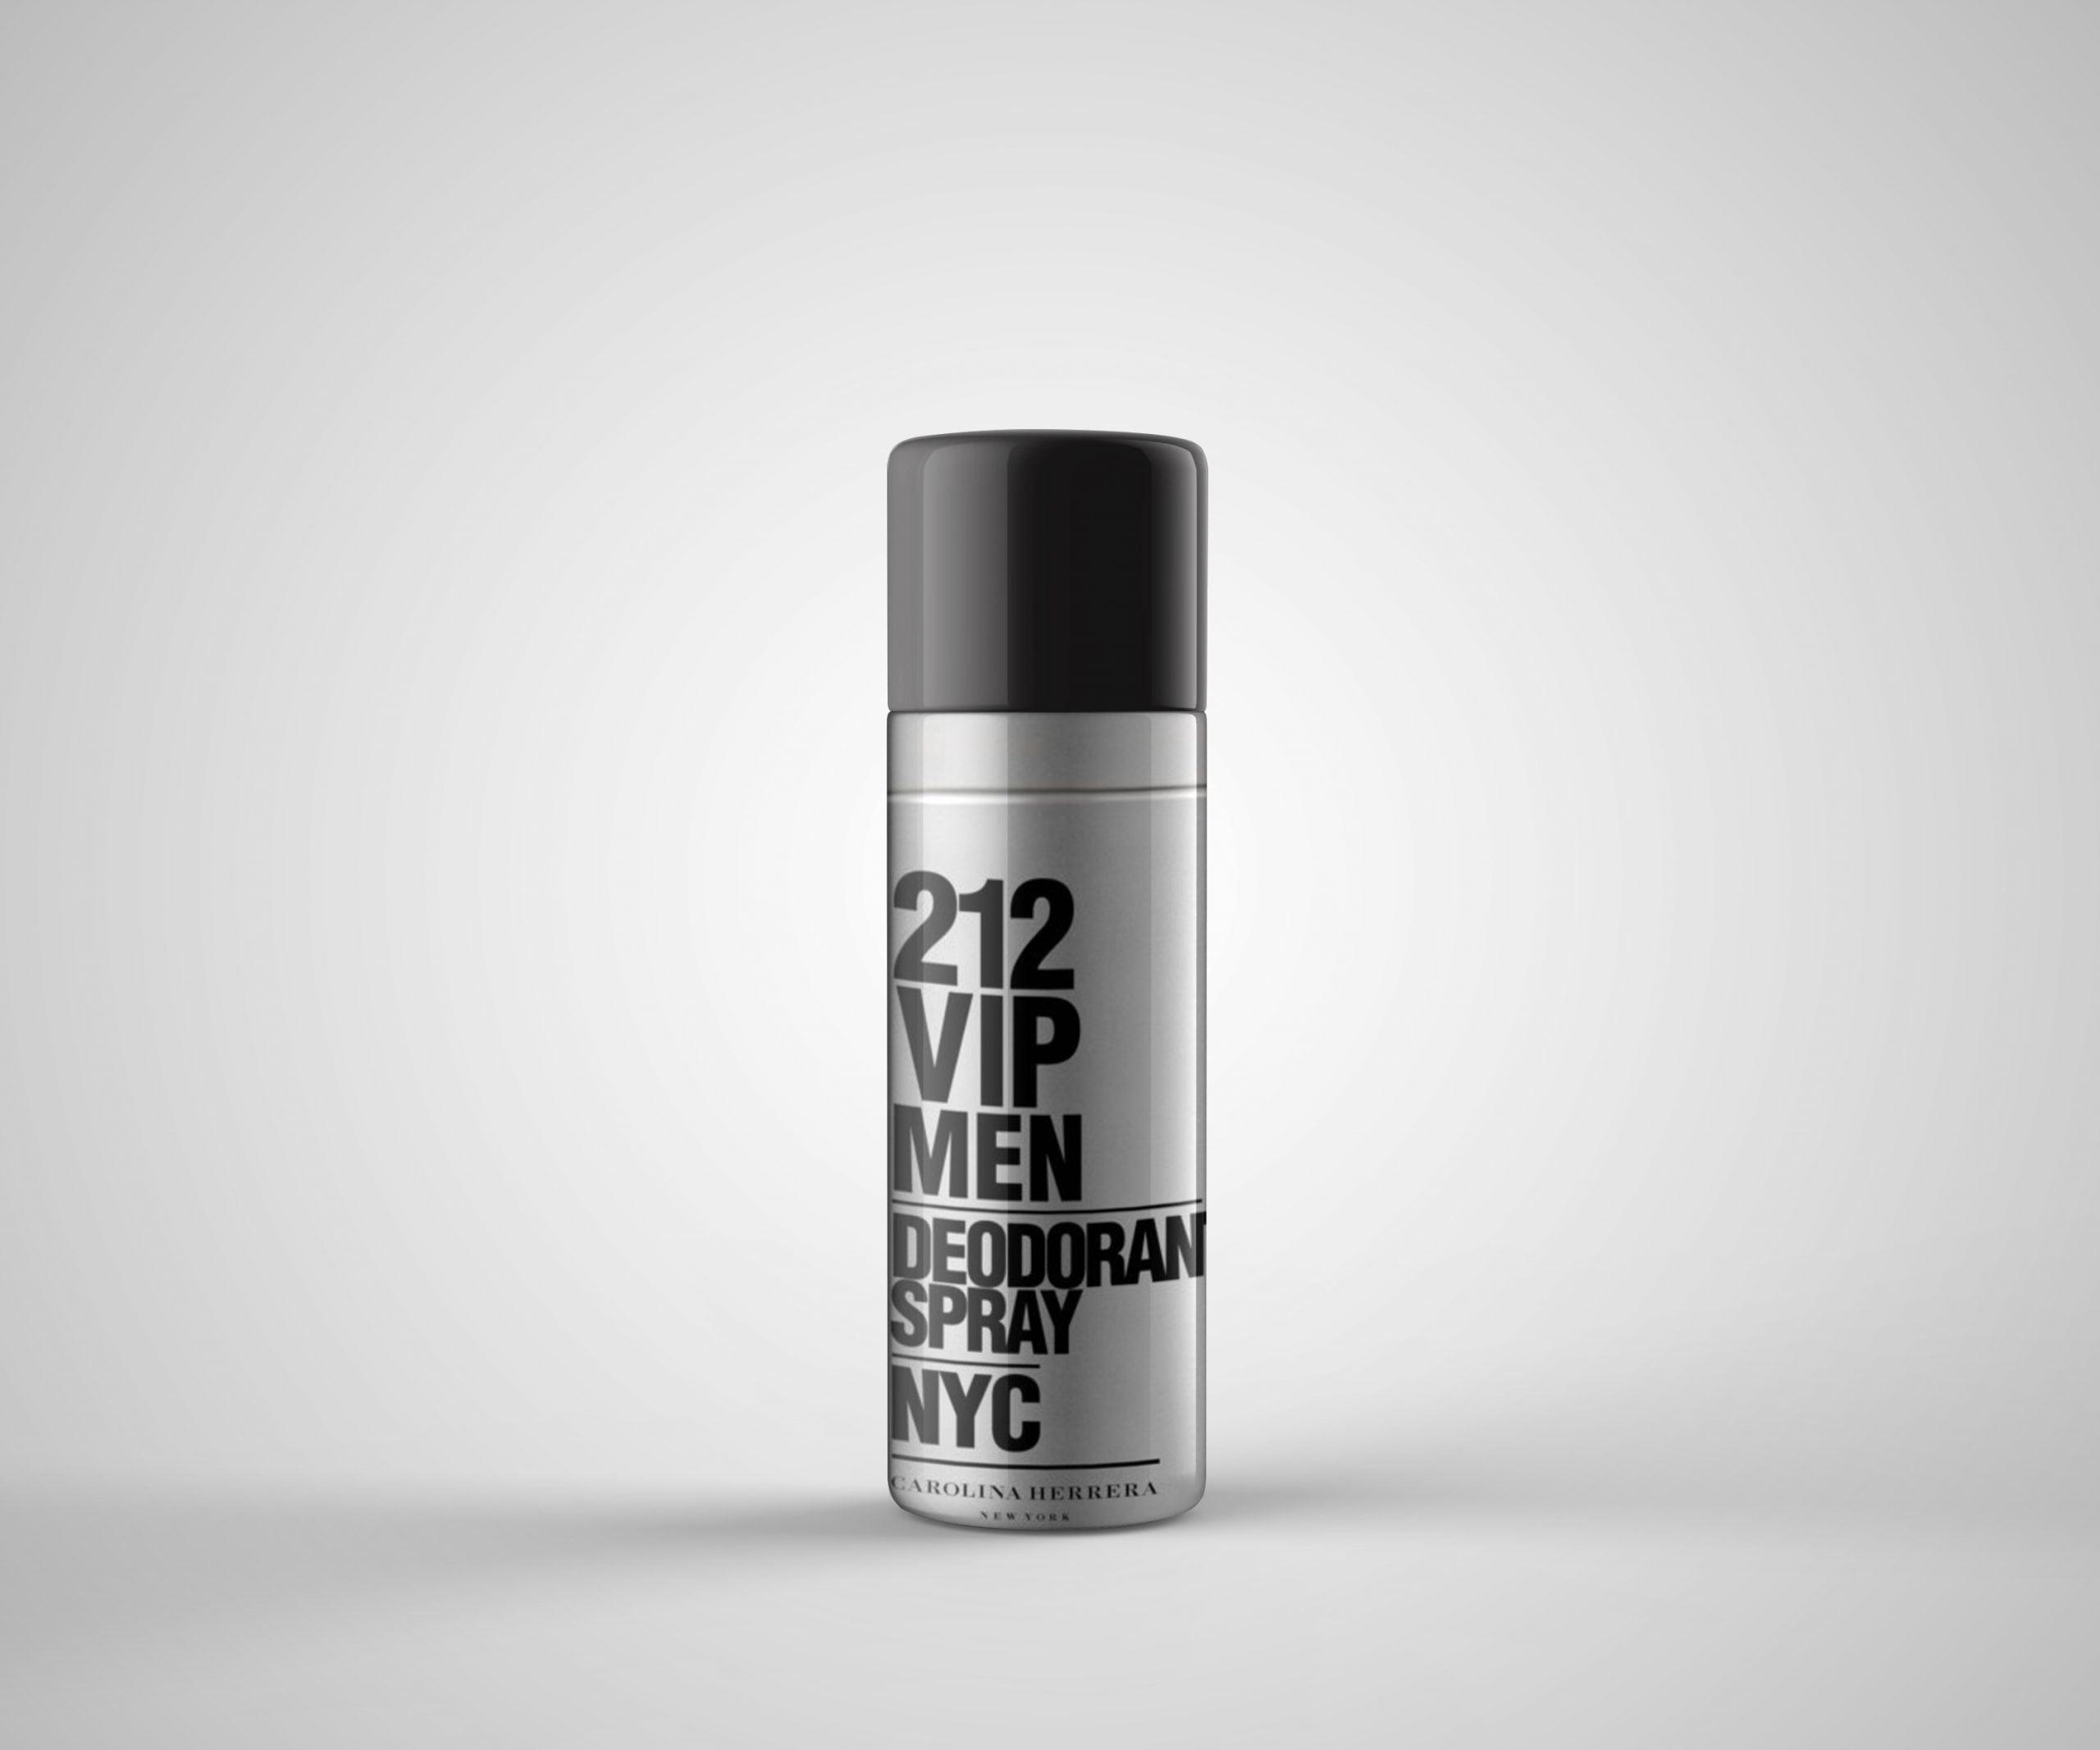 Carolina-Herrera-Example-Deodorant-Spray-Mockup